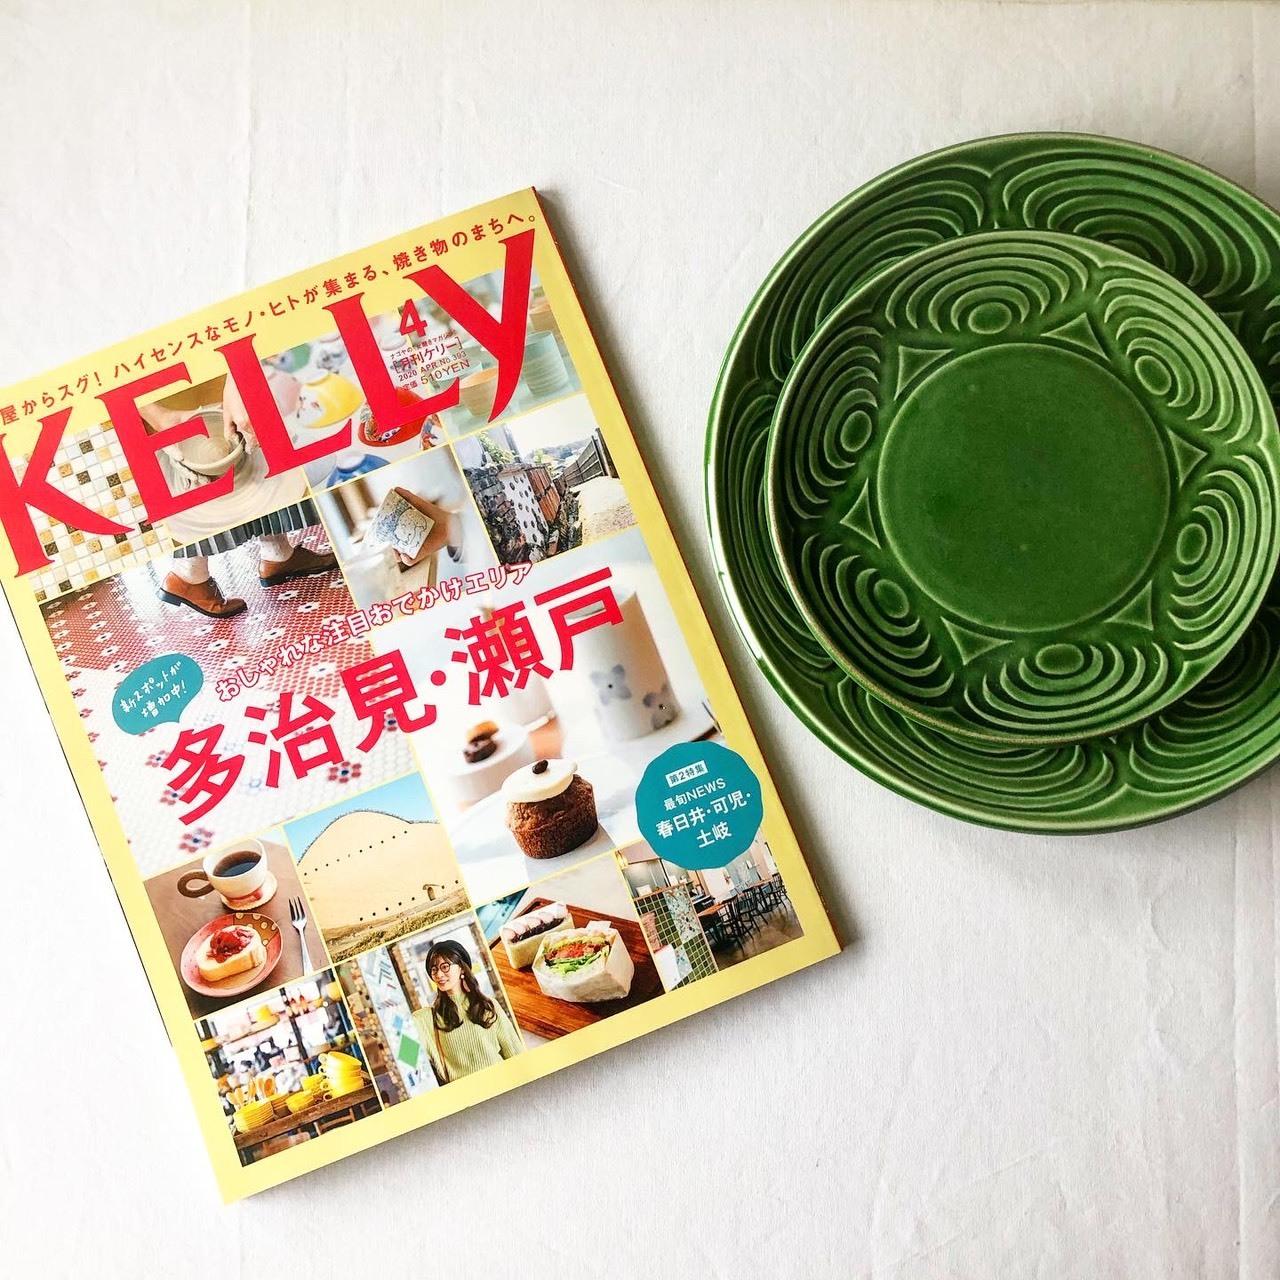 雑誌『KELLY』に掲載されました!_f0220354_11354296.jpeg